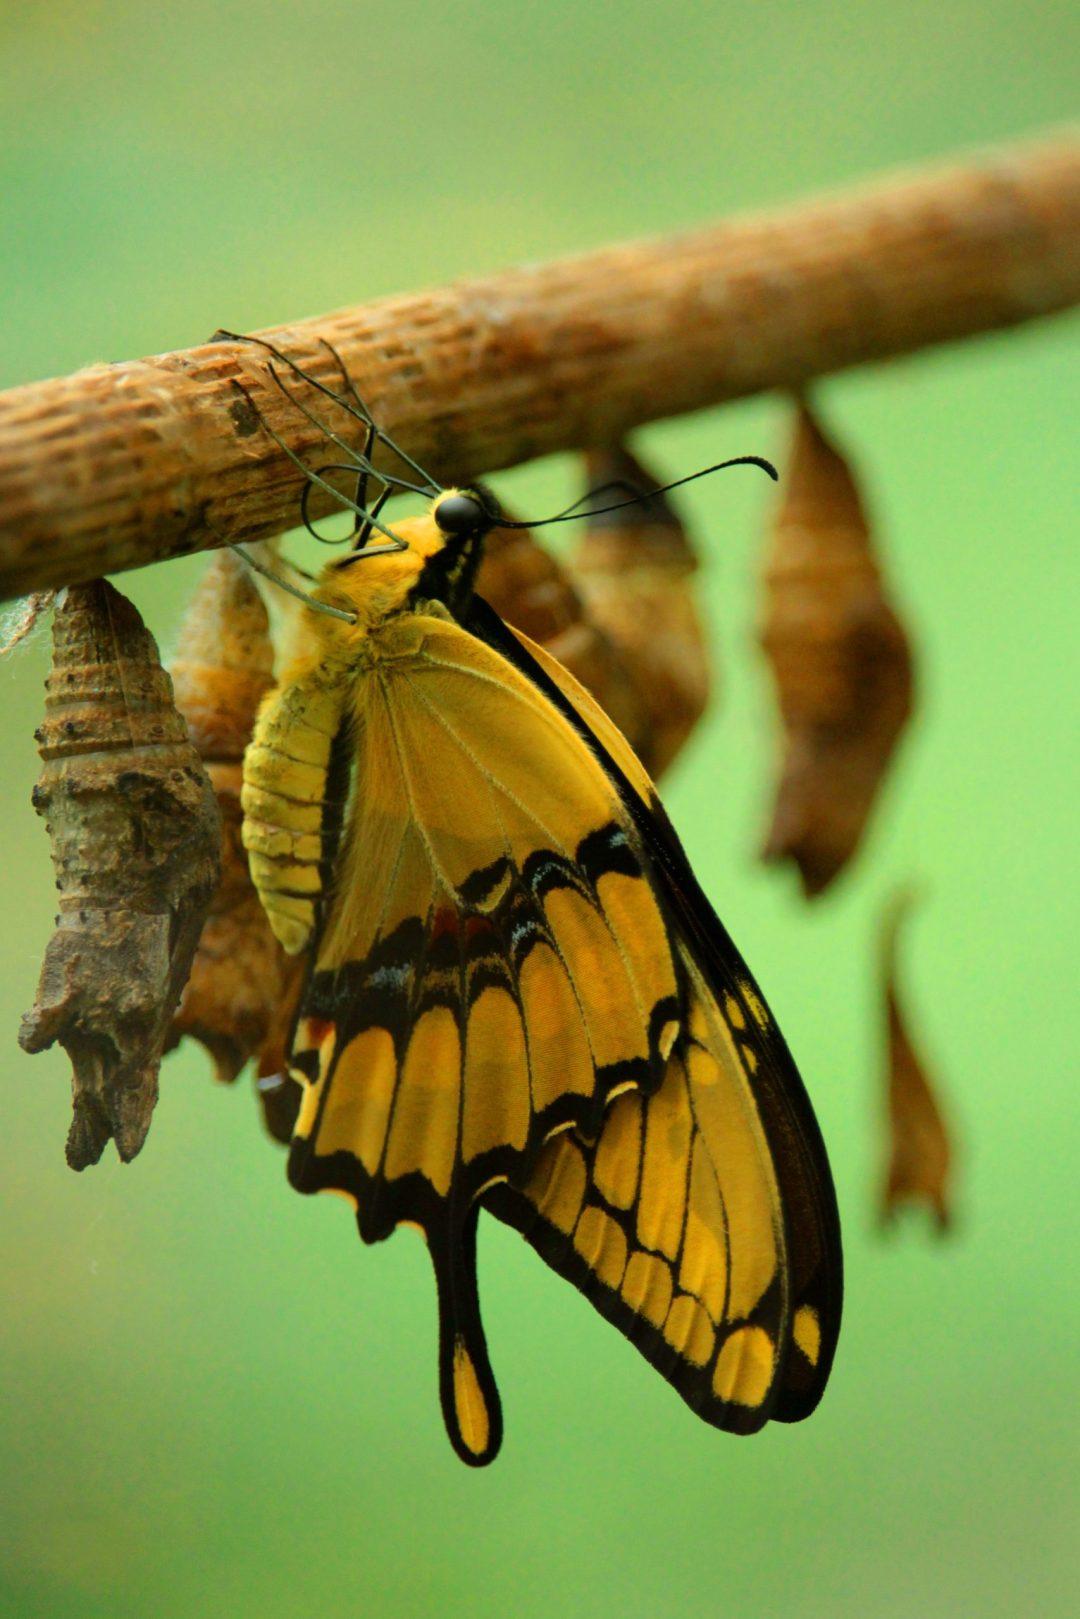 métamorphose du papillon pour symboliser la reconversion professionnelle